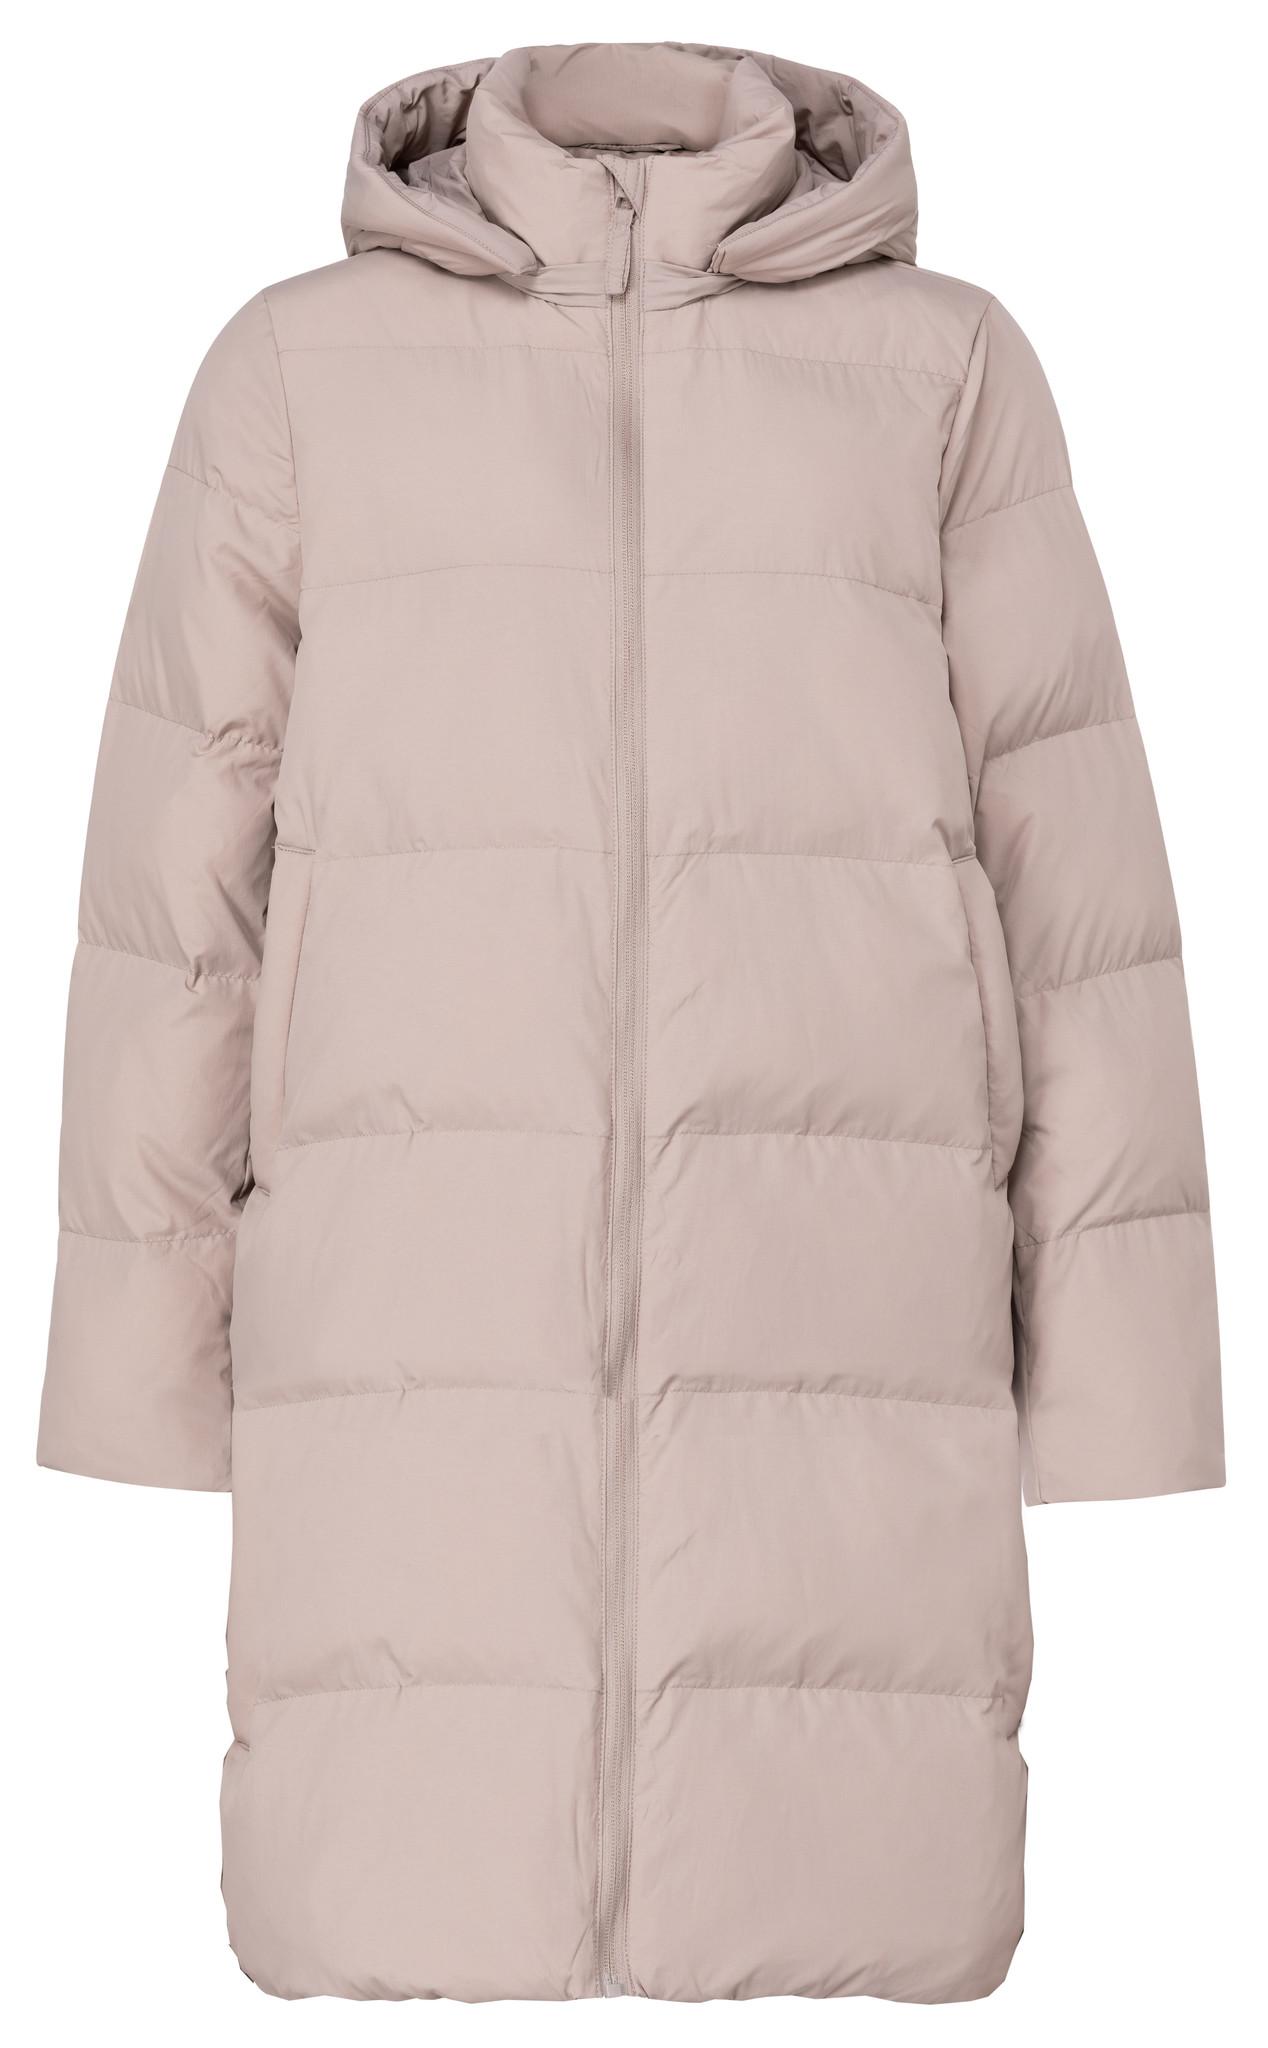 yaya Long puffer jacket 1621035-123-1